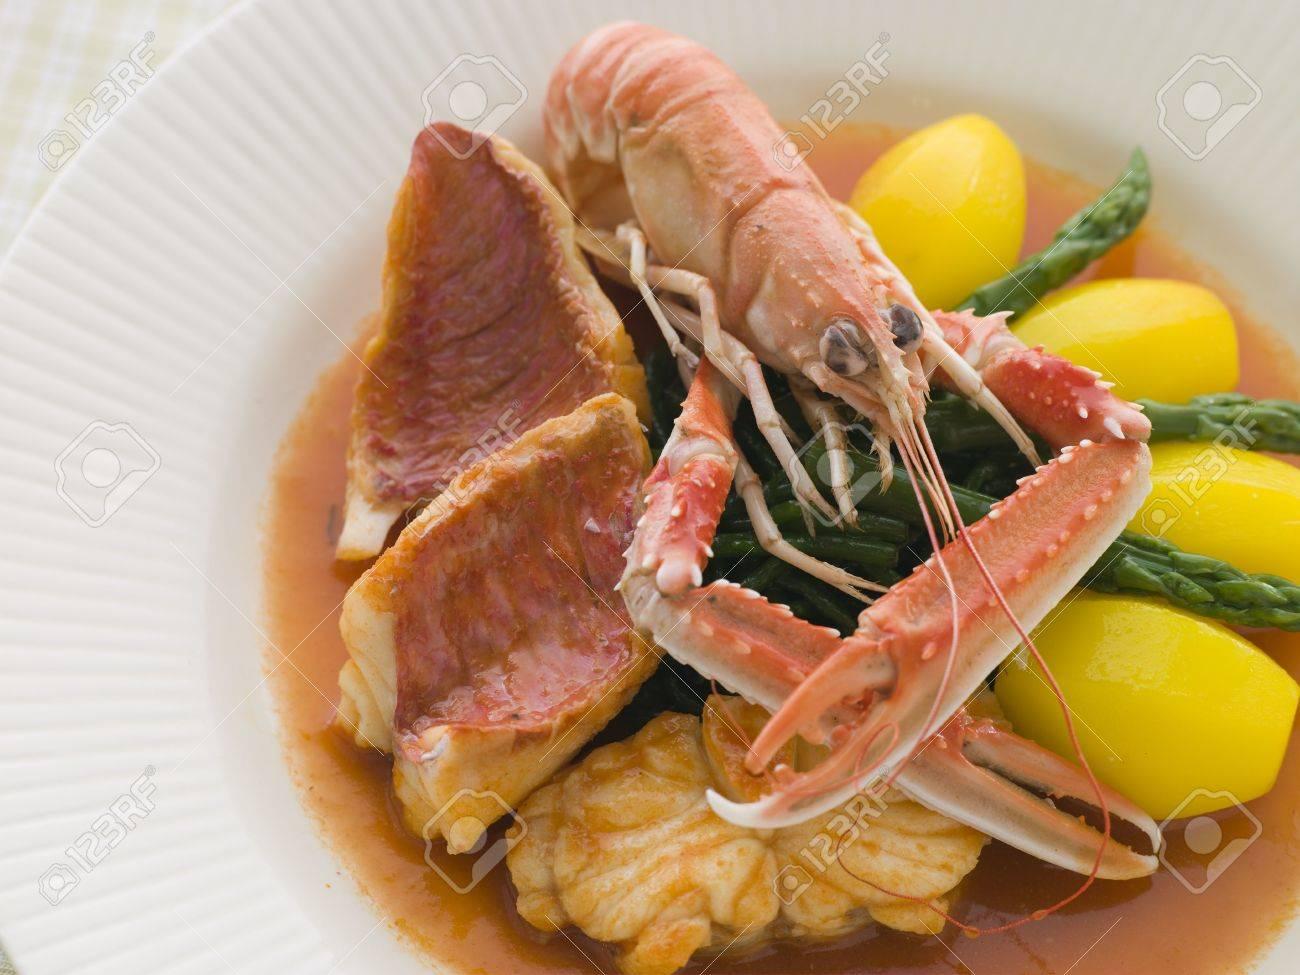 Как готовить лобстеров и омаров Выбираем и готовим омаров Продукты 16